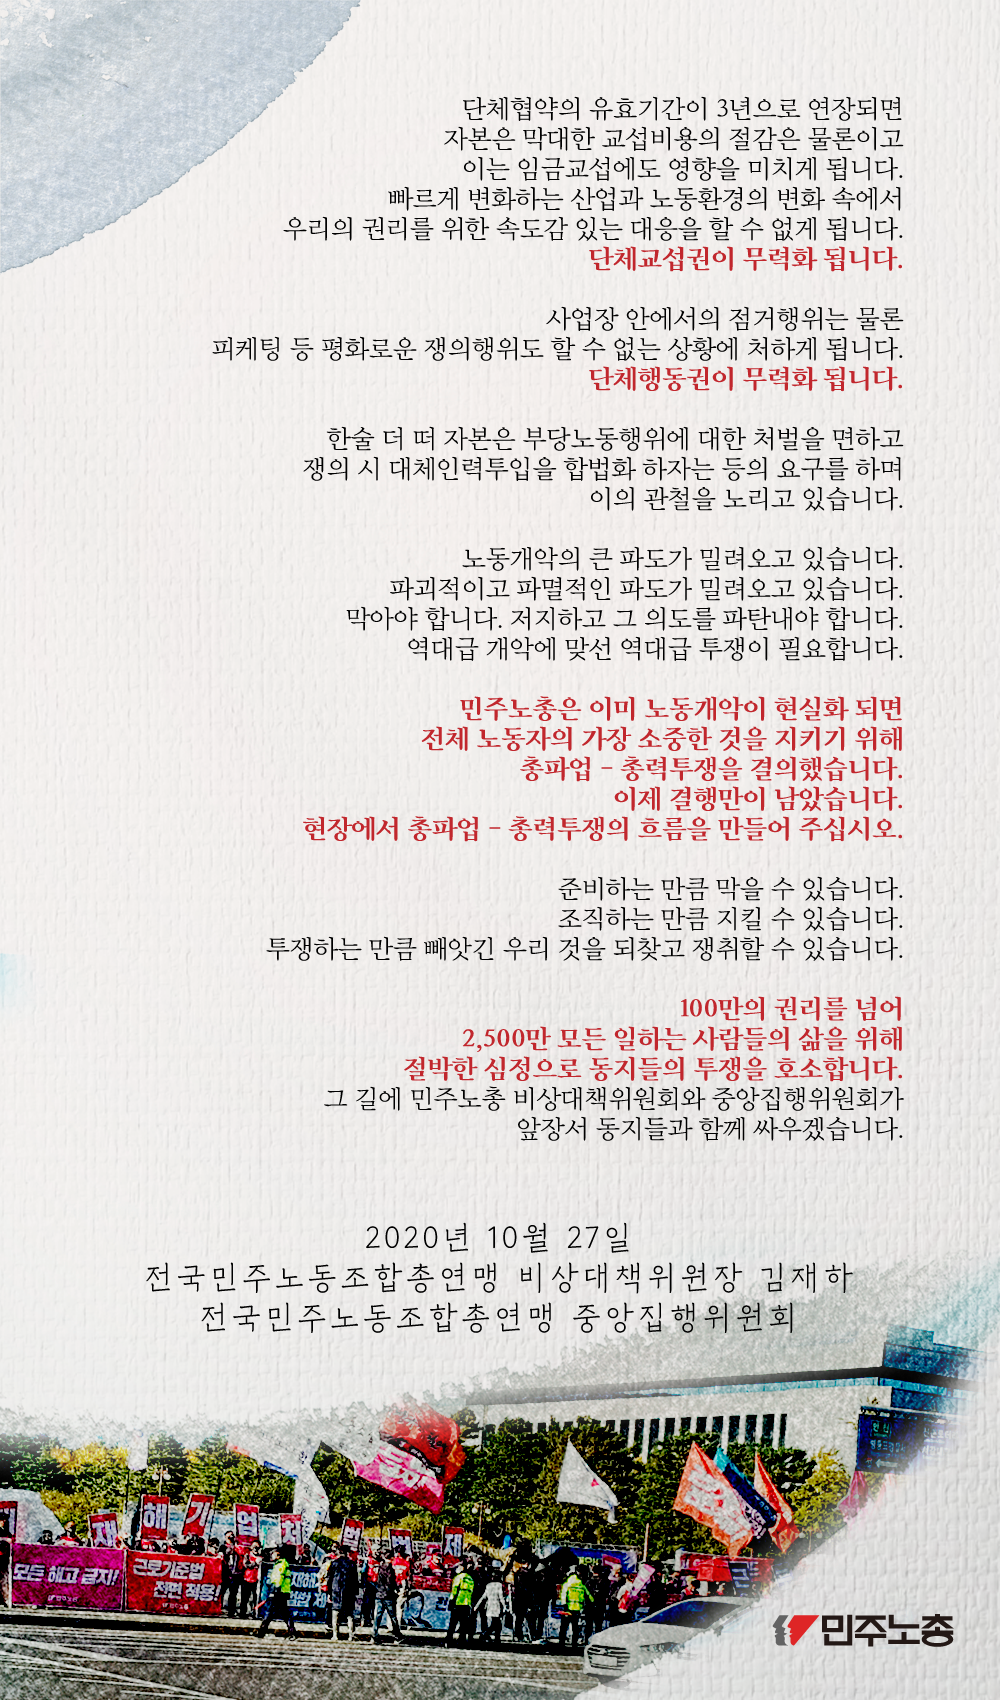 총파업-총력투쟁-호소-담화문_수정_2.png